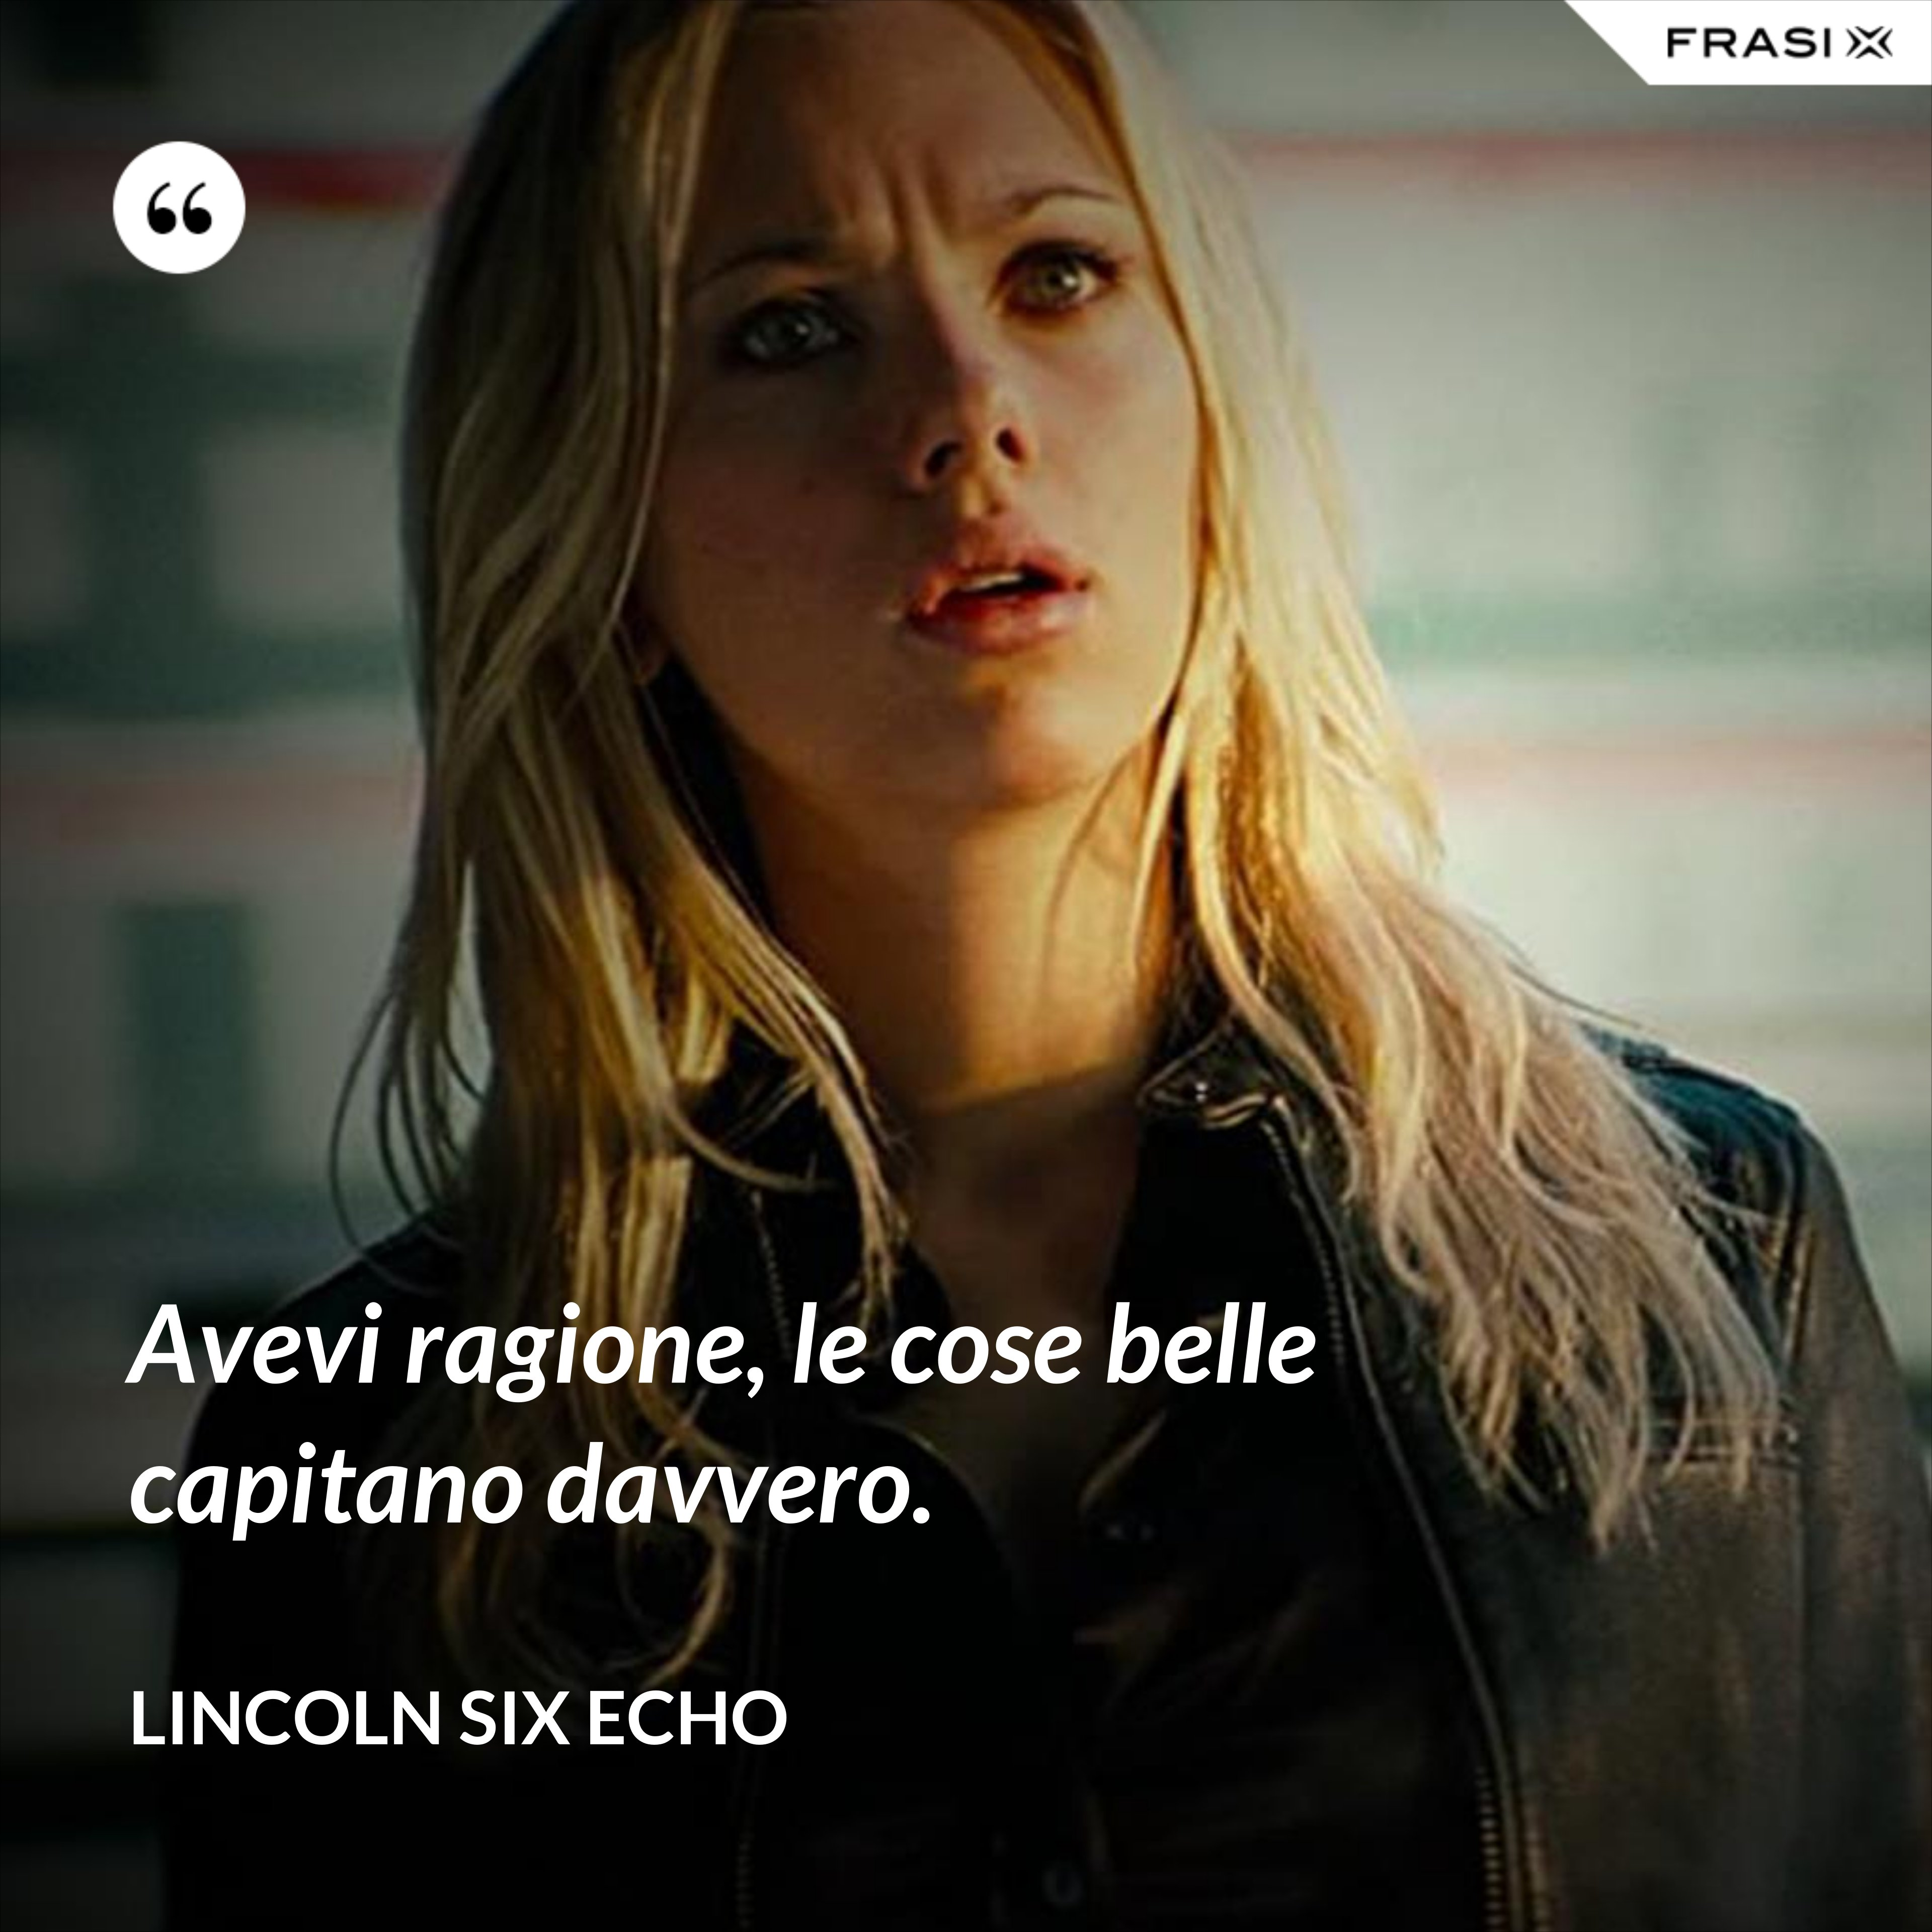 Avevi ragione, le cose belle capitano davvero. - Lincoln Six Echo